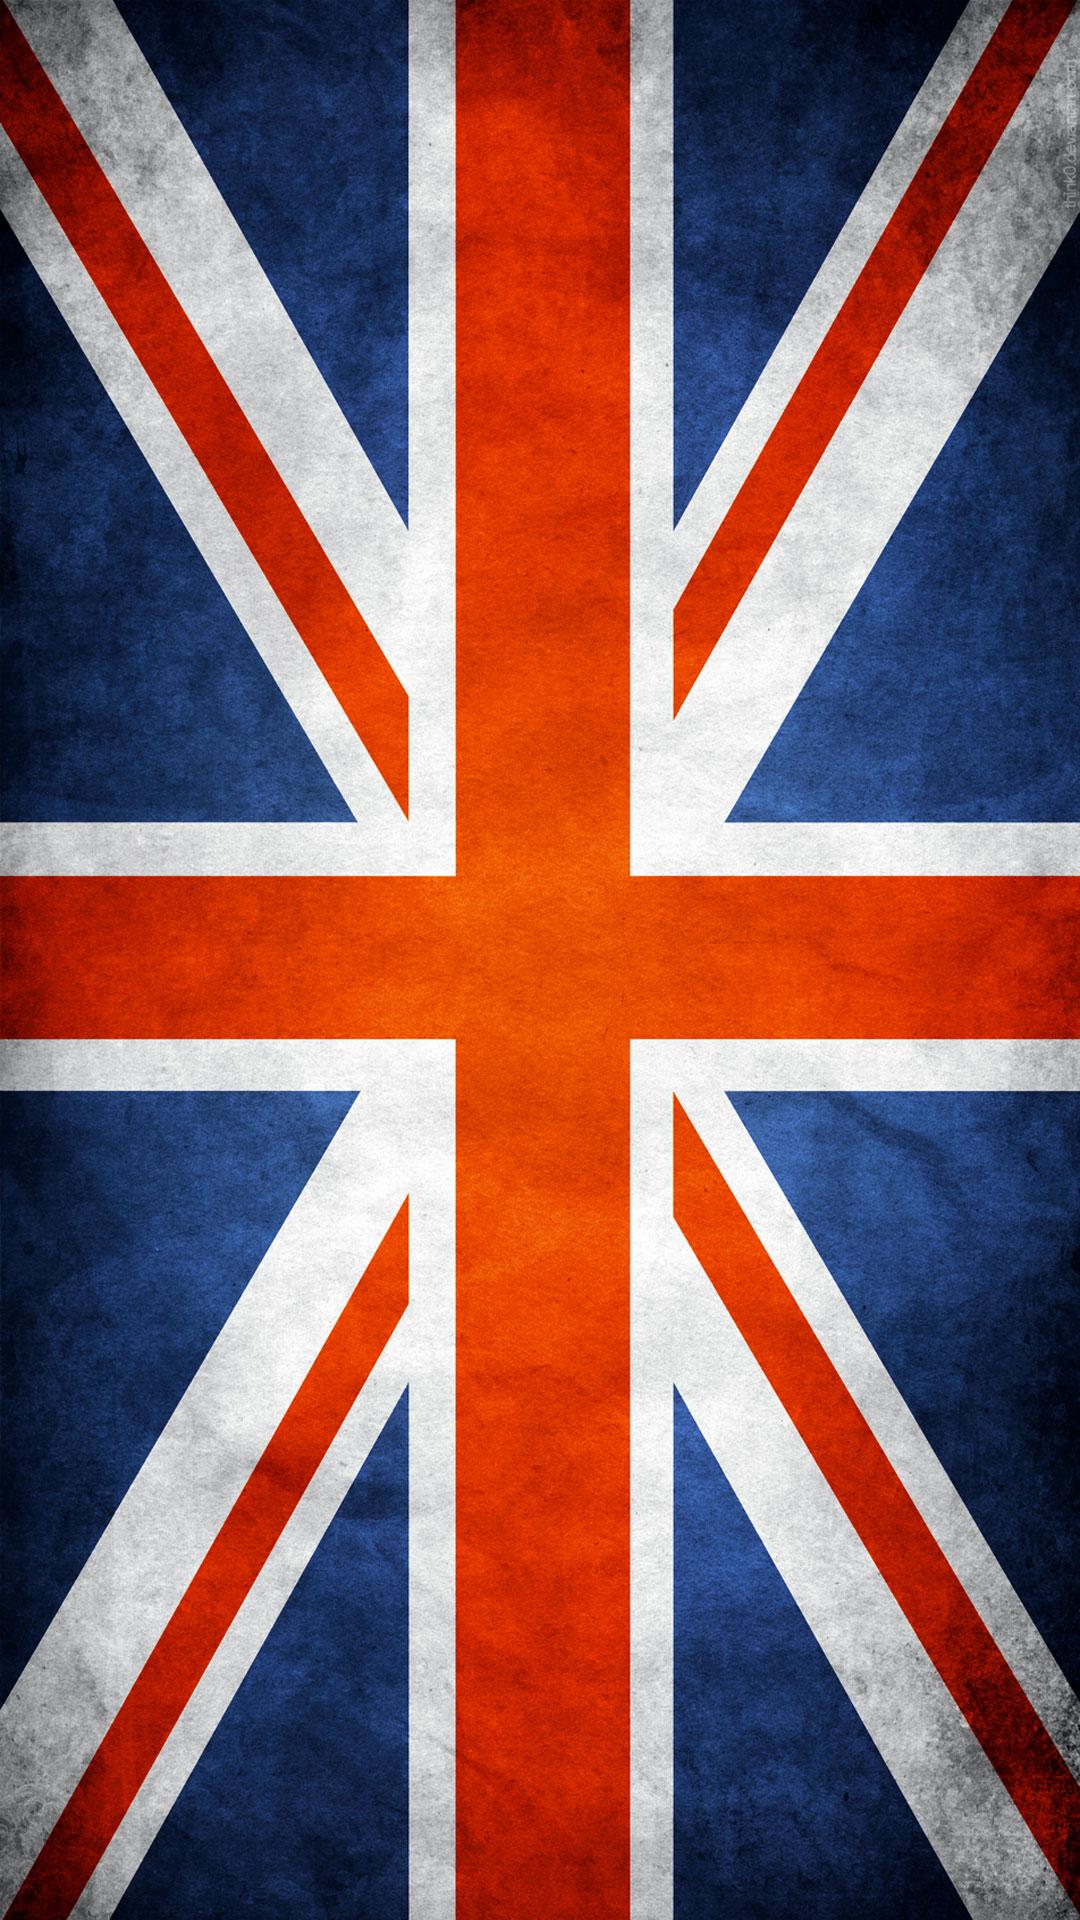 48 British Flag Iphone Wallpaper On Wallpapersafari